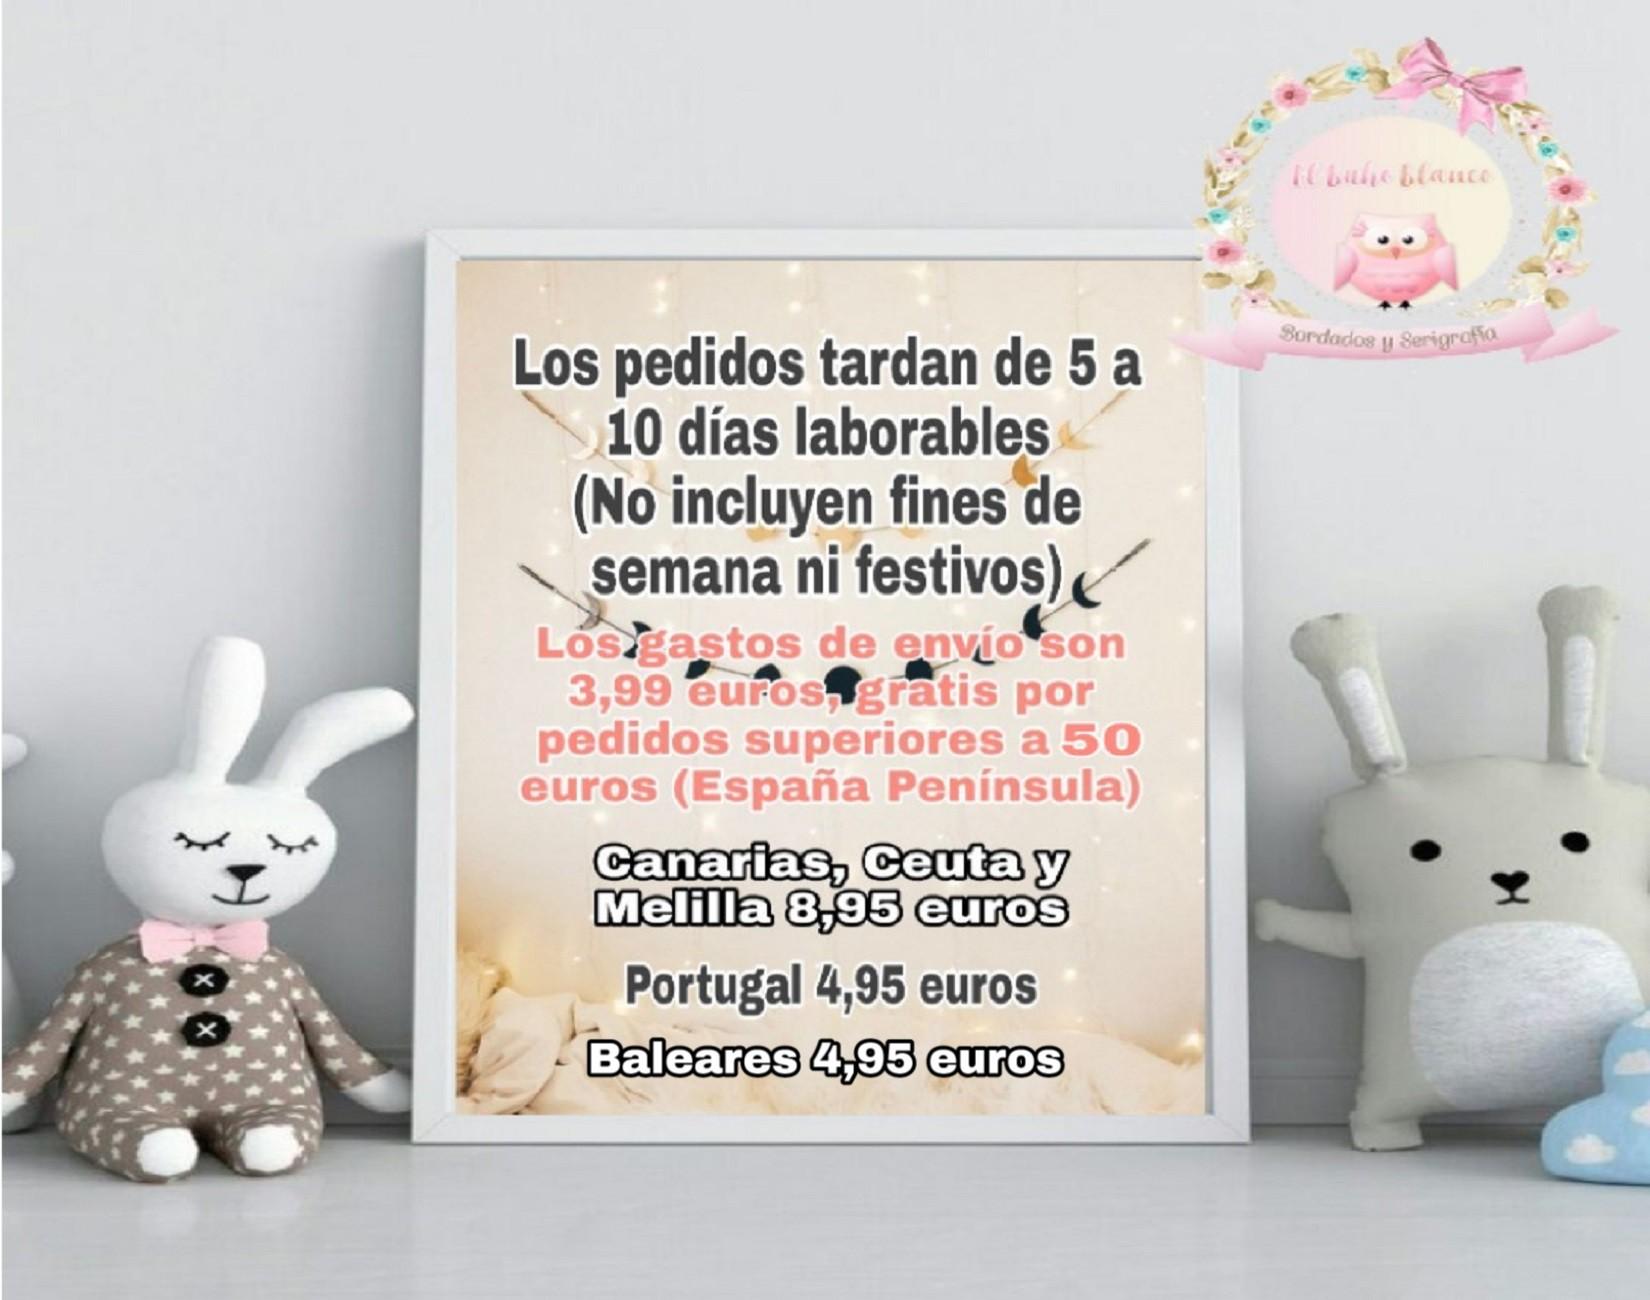 Informacón